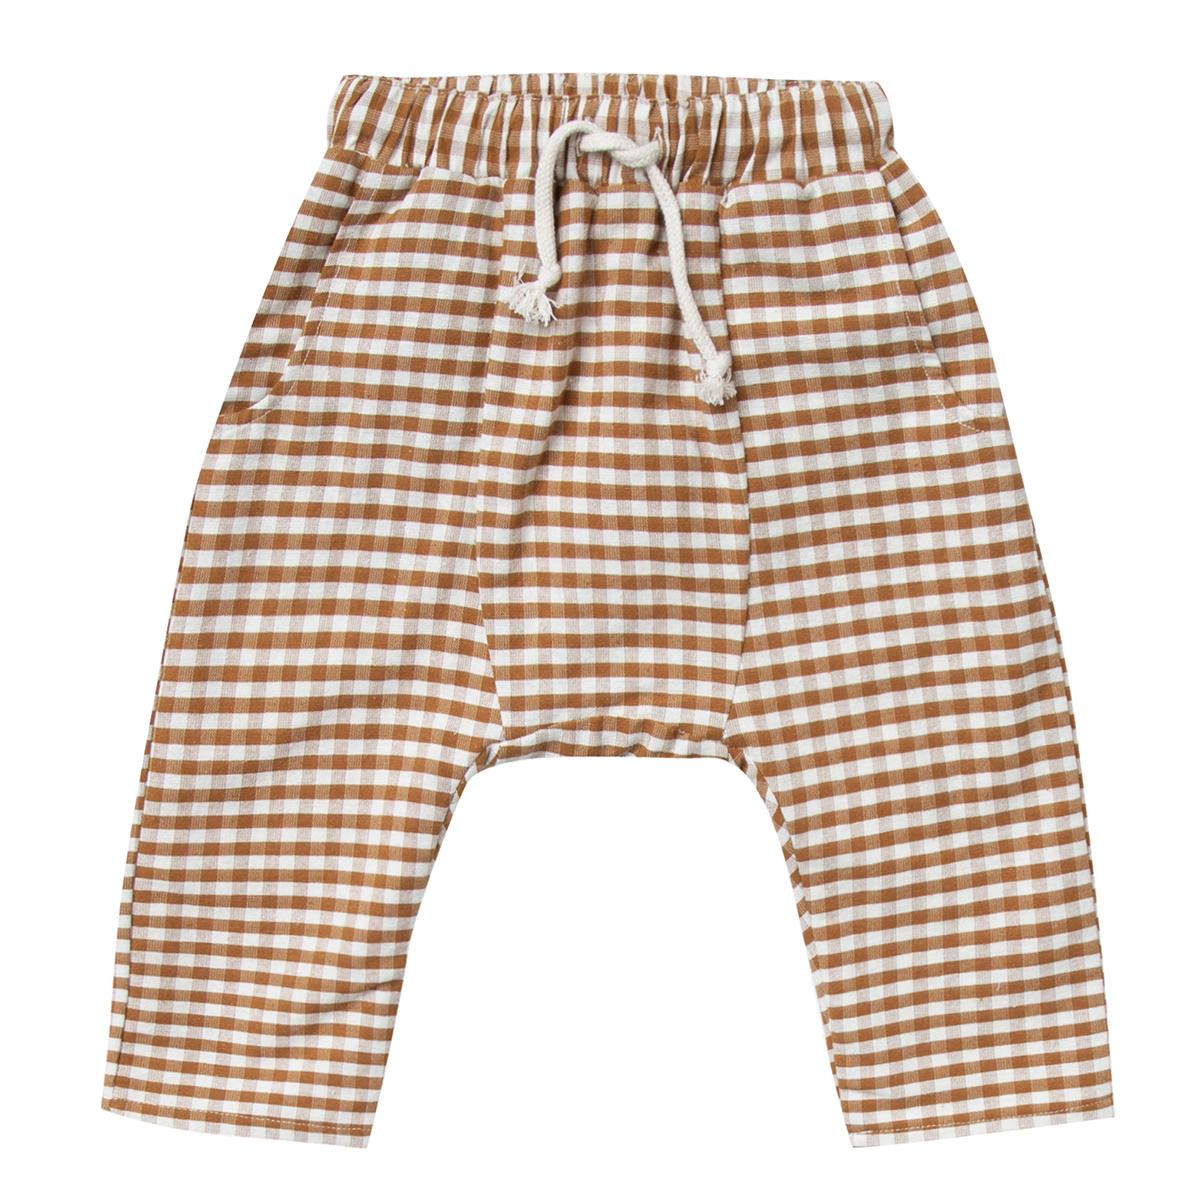 Bas Bébé Pantalon Vichy Ivoire - 6/12 Mois Pantalon Vichy Ivoire - 6/12 Mois